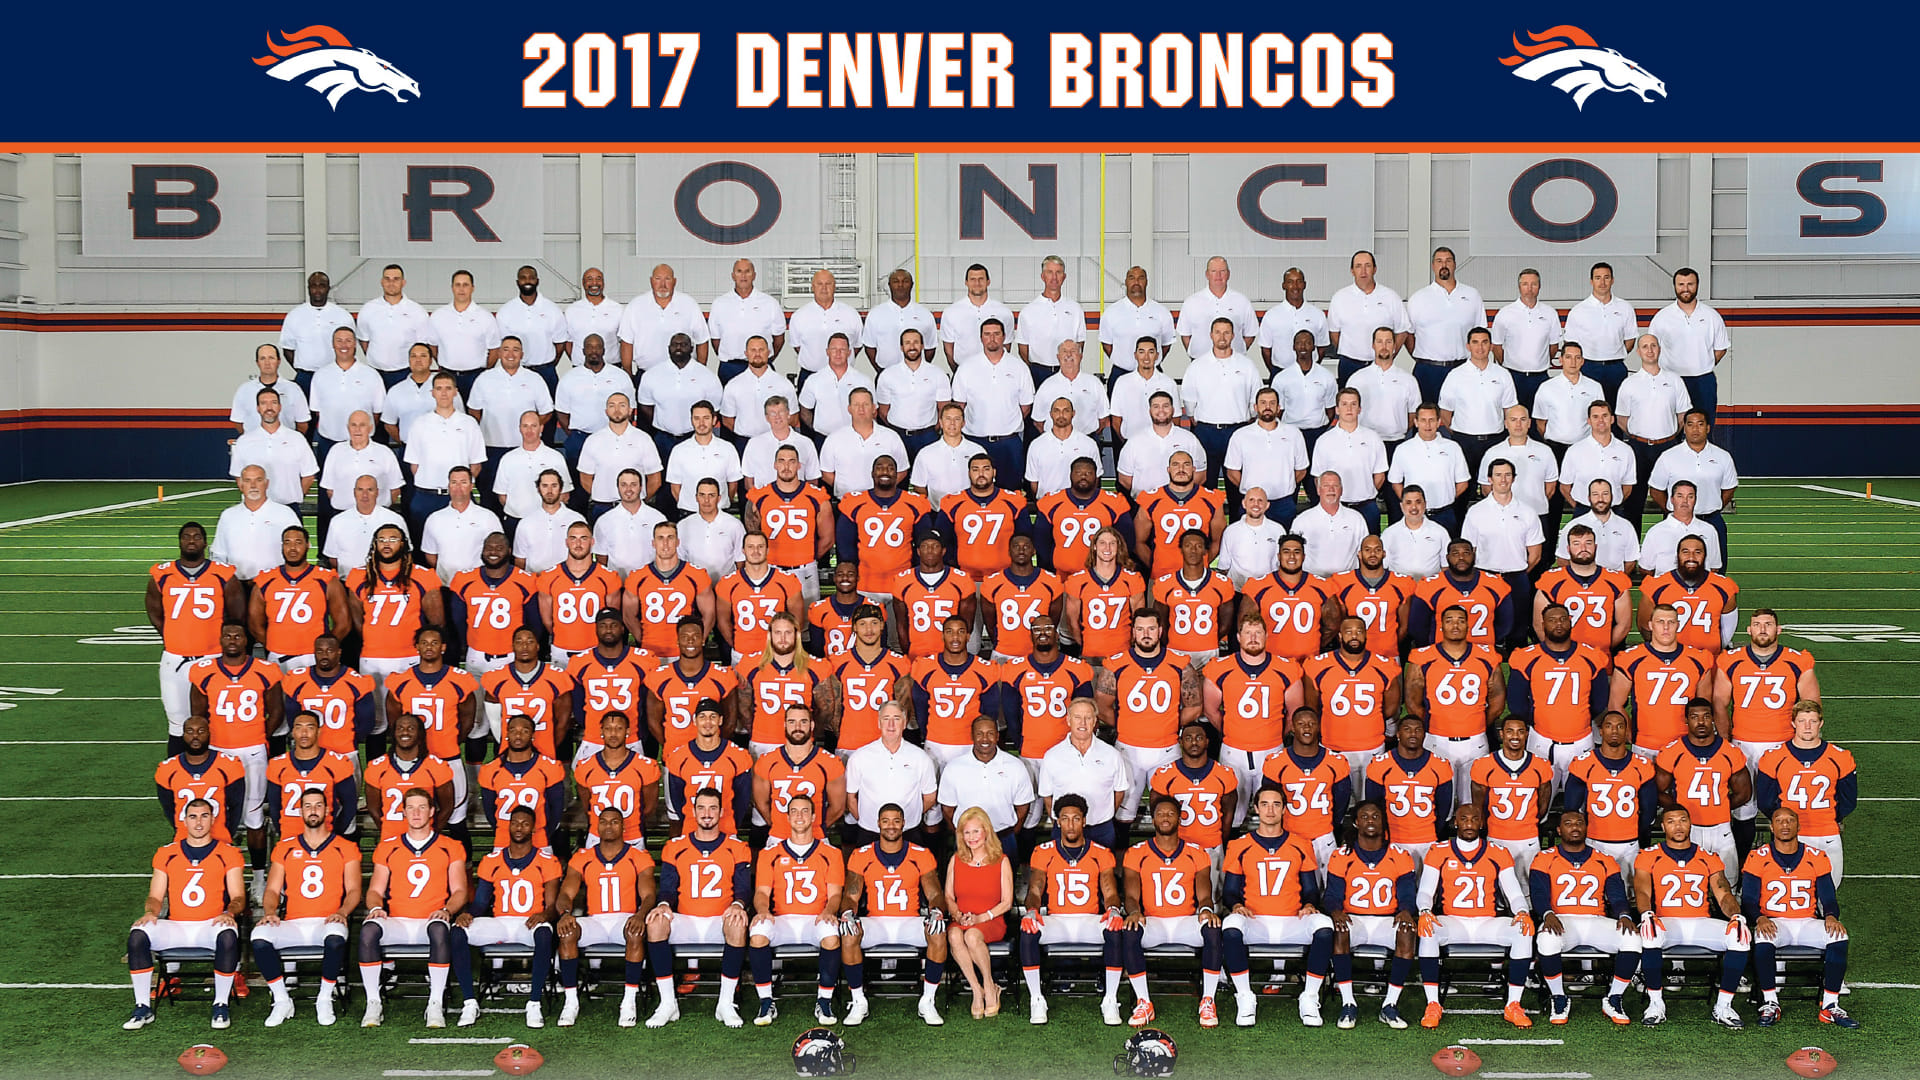 2017 Denver Broncos